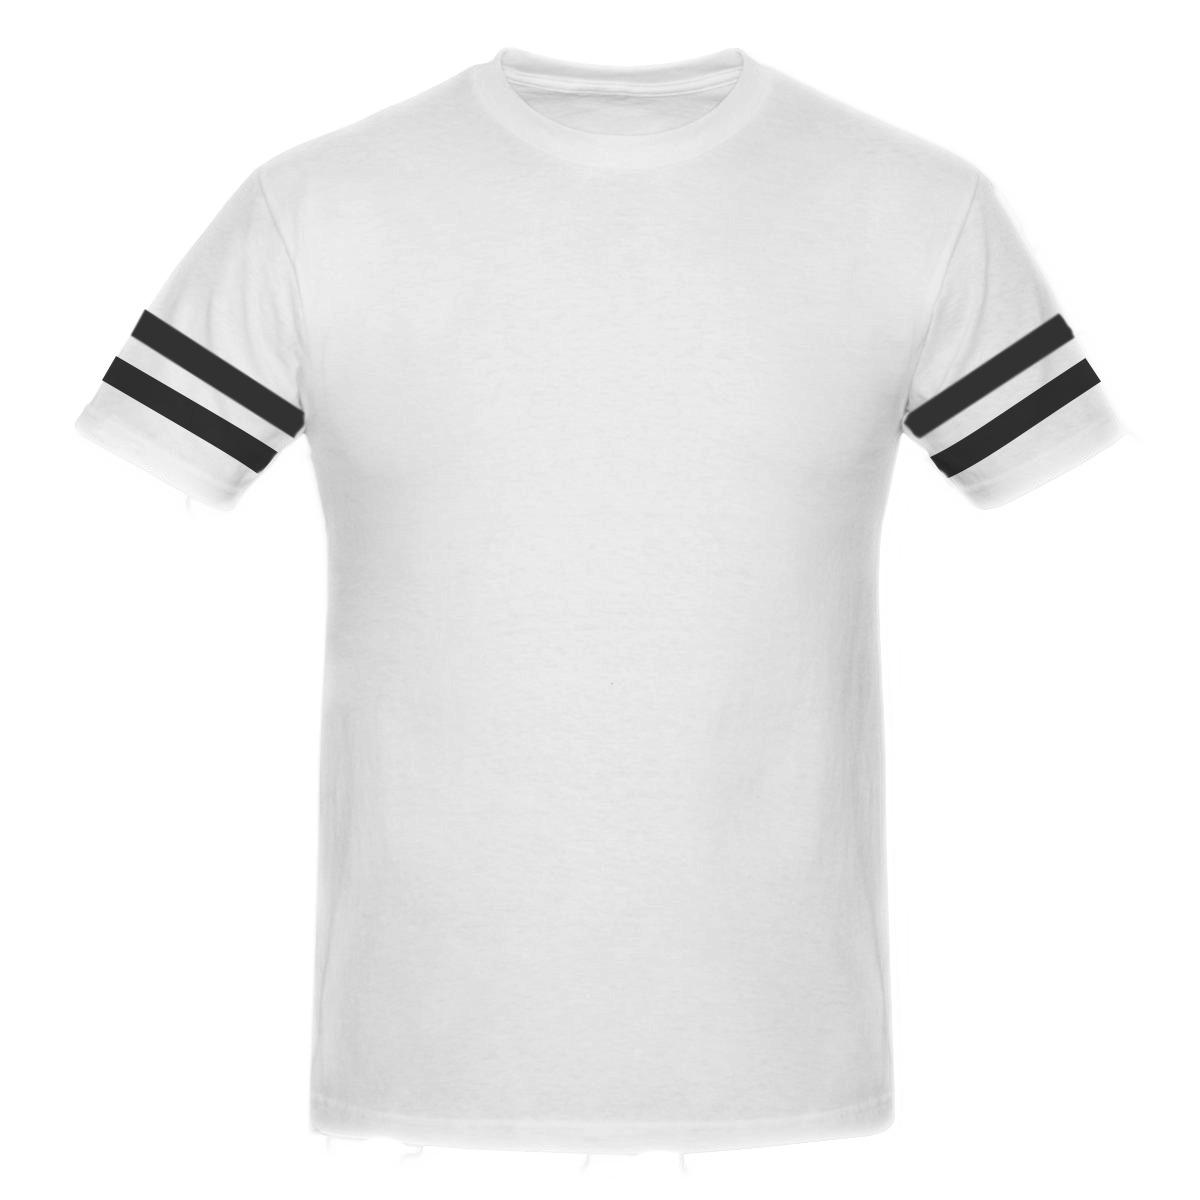 1704d2f997bdb blusa camiseta gola careca lisa atacado e varejo basketball. Carregando  zoom.